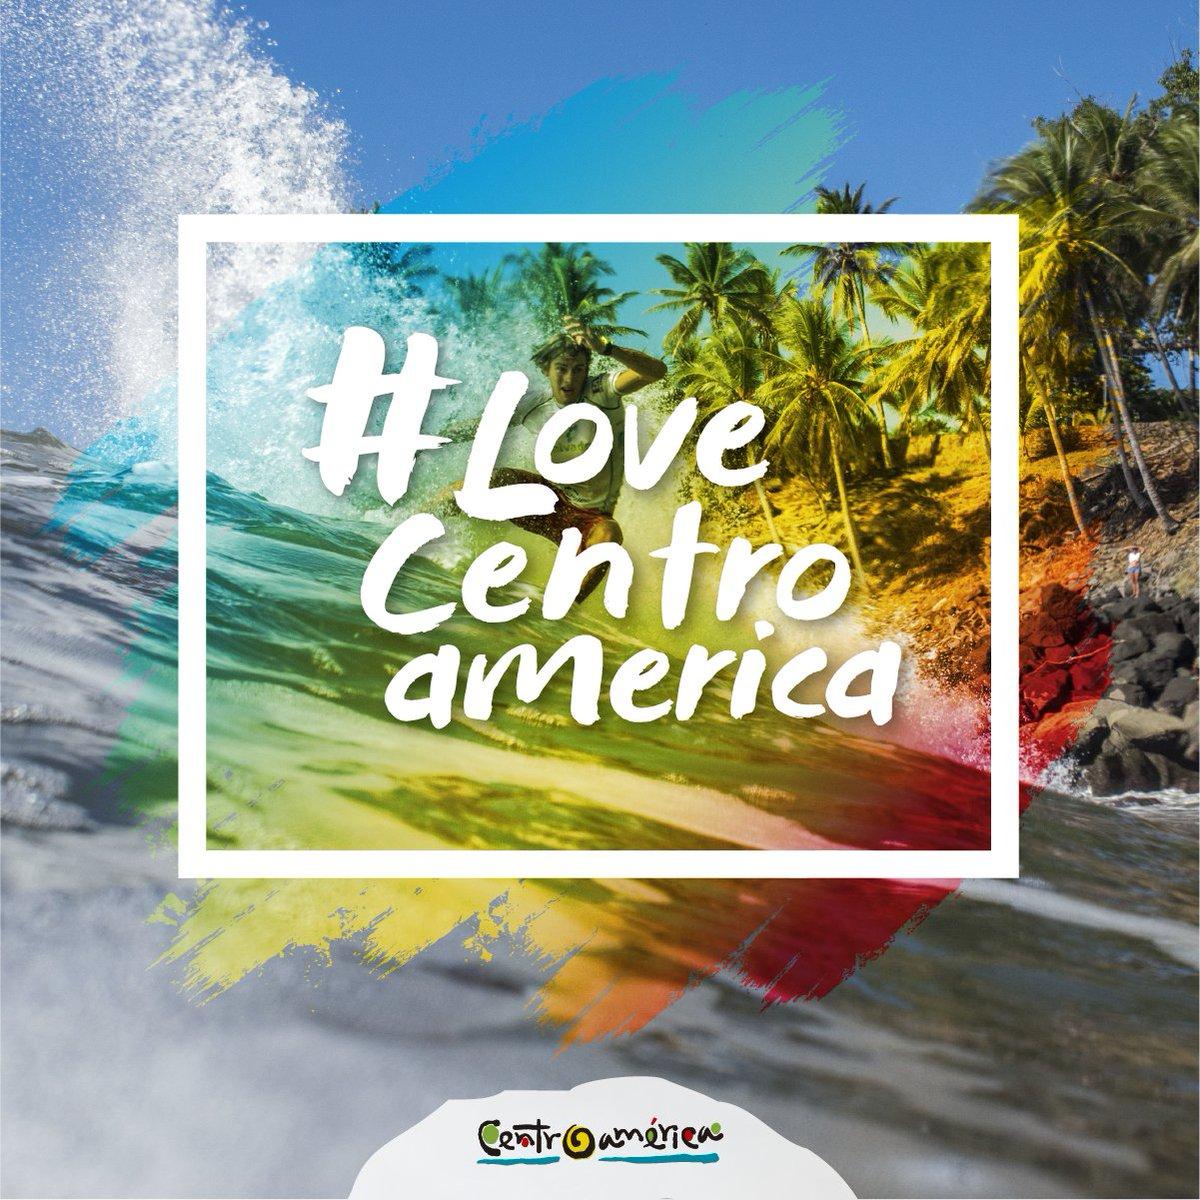 Participar en el sorteo de 8 PREMIOS con 2 NOCHES DE HOTEL es muy sencillo:  1. Cuéntanos tu viaje de ensueño por Centroamérica 2.Sube una foto de la región o un vídeo explicativo 3. Haznos mención y utiliza el hashtag #LoveCentroamérica 4. ¡Suerte! 🍀  📆 Hasta el 16 de julio https://t.co/HKI3x9TWus